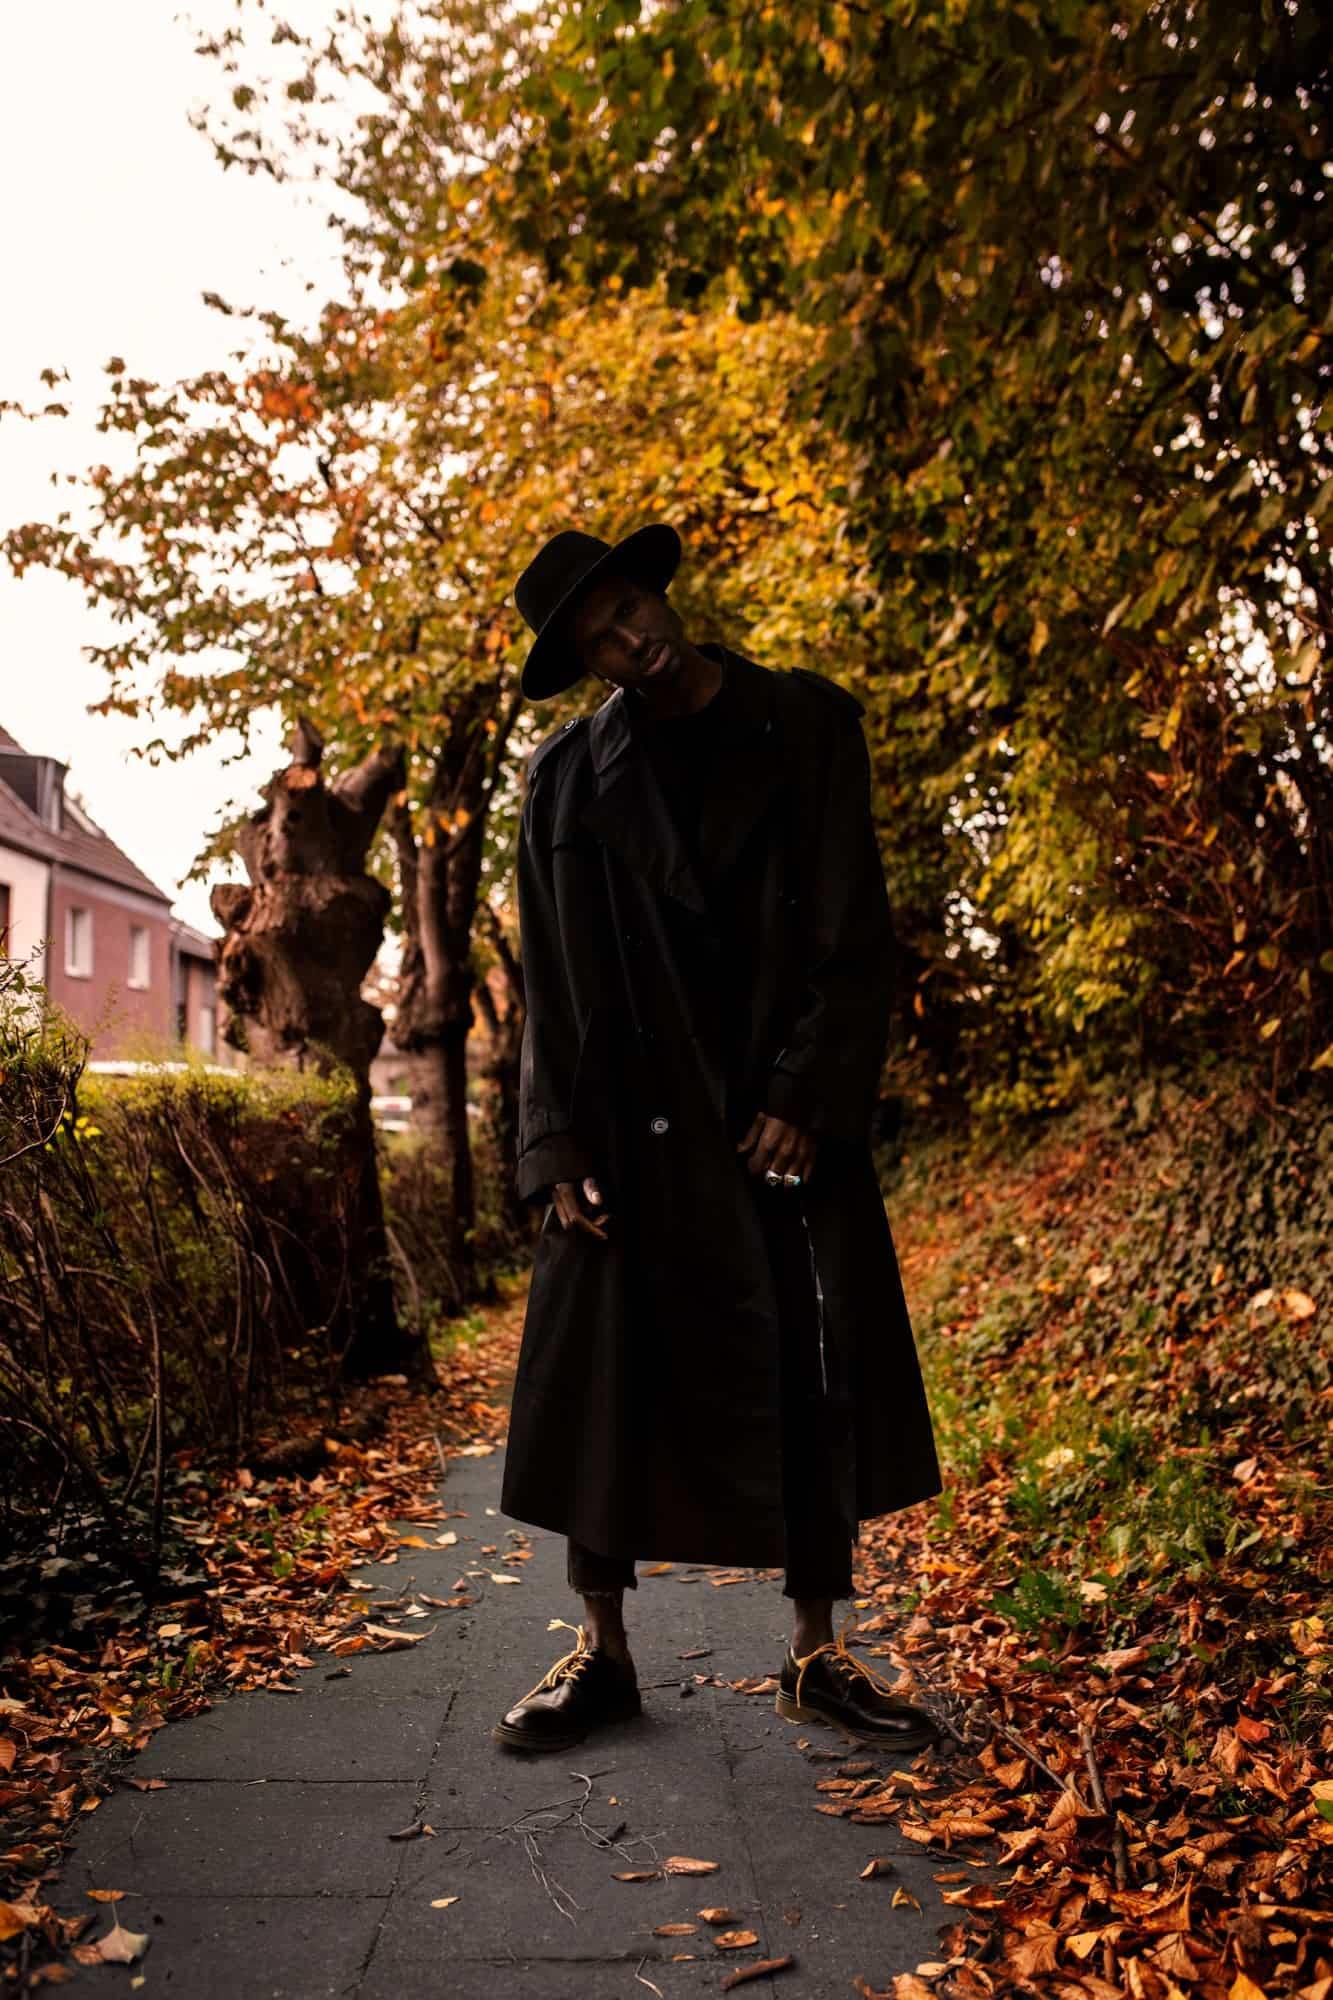 Folge-mir-HolgerAltgeld-PascalNkongo-004